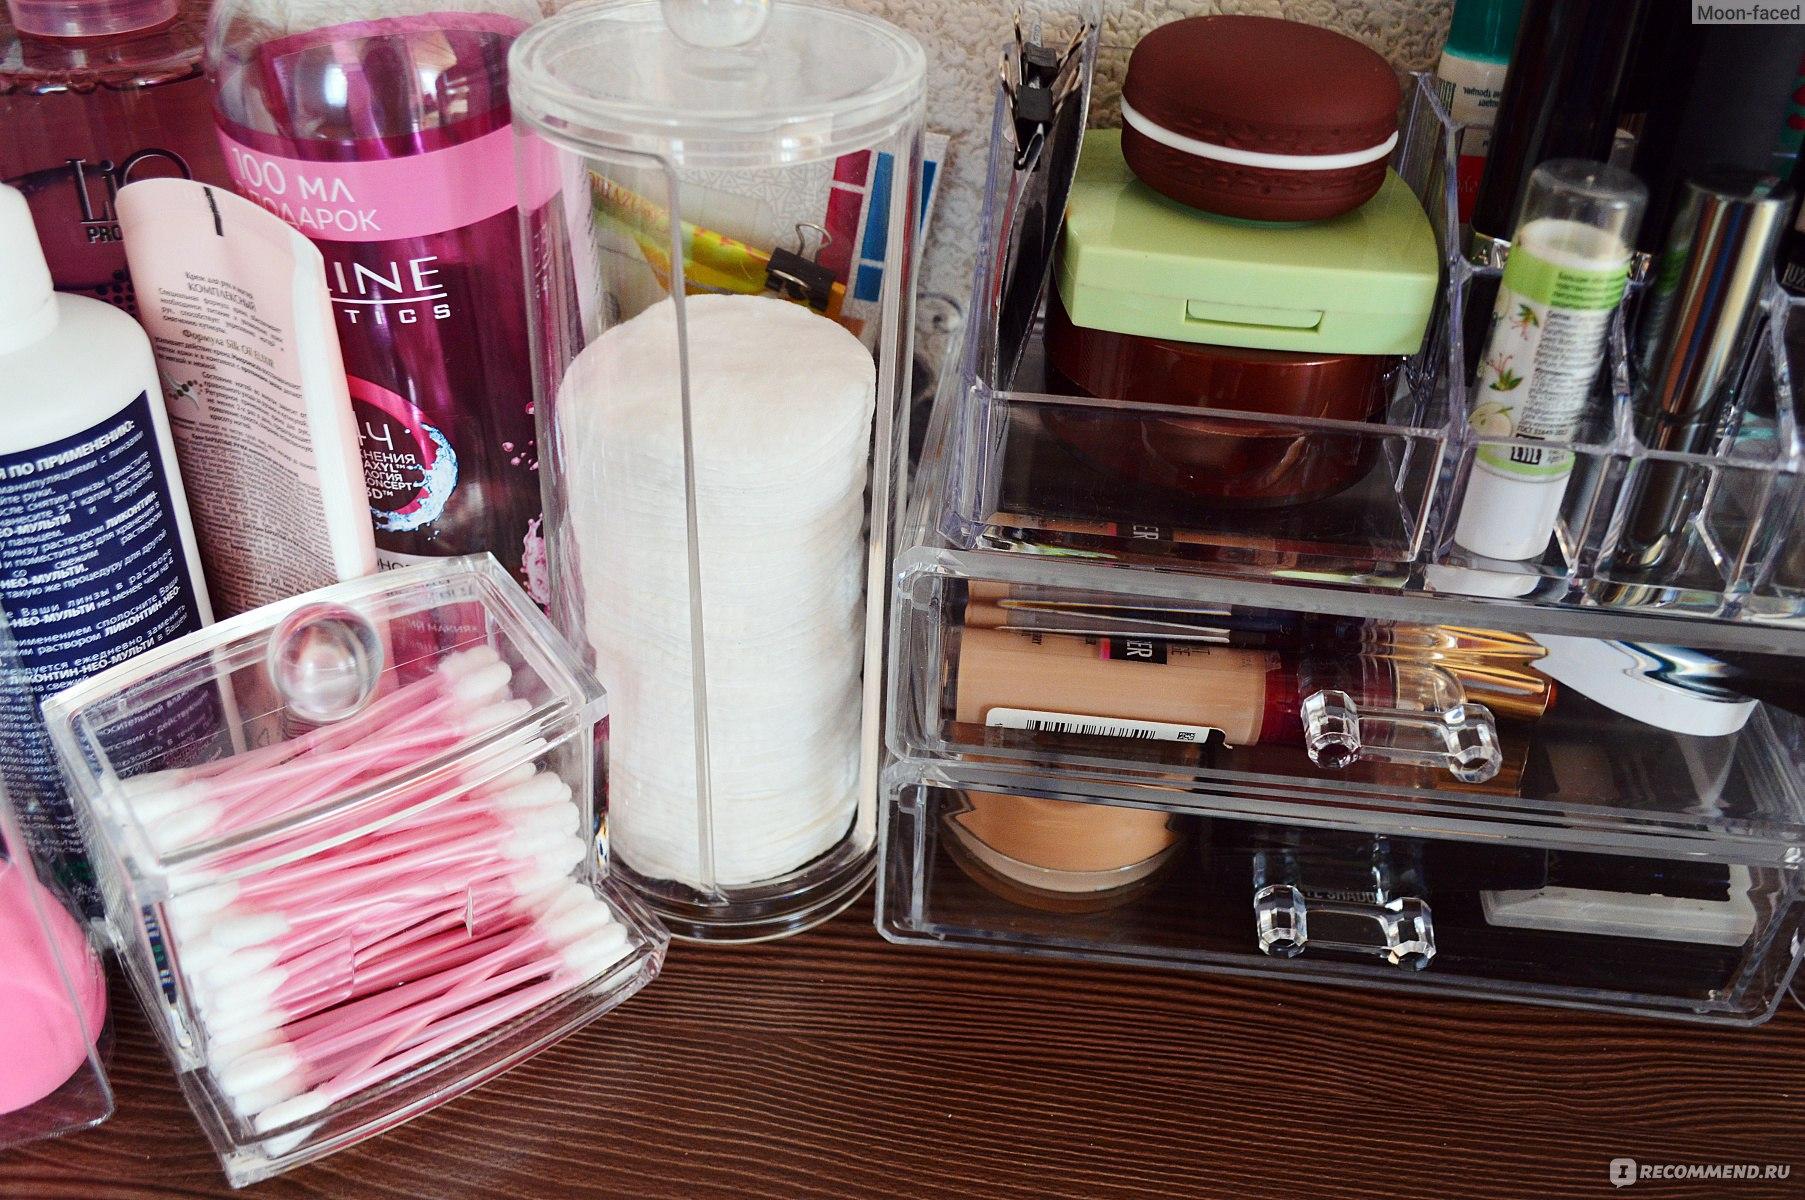 Ингредиенты для косметики киев купить купить в спб косметику наоми